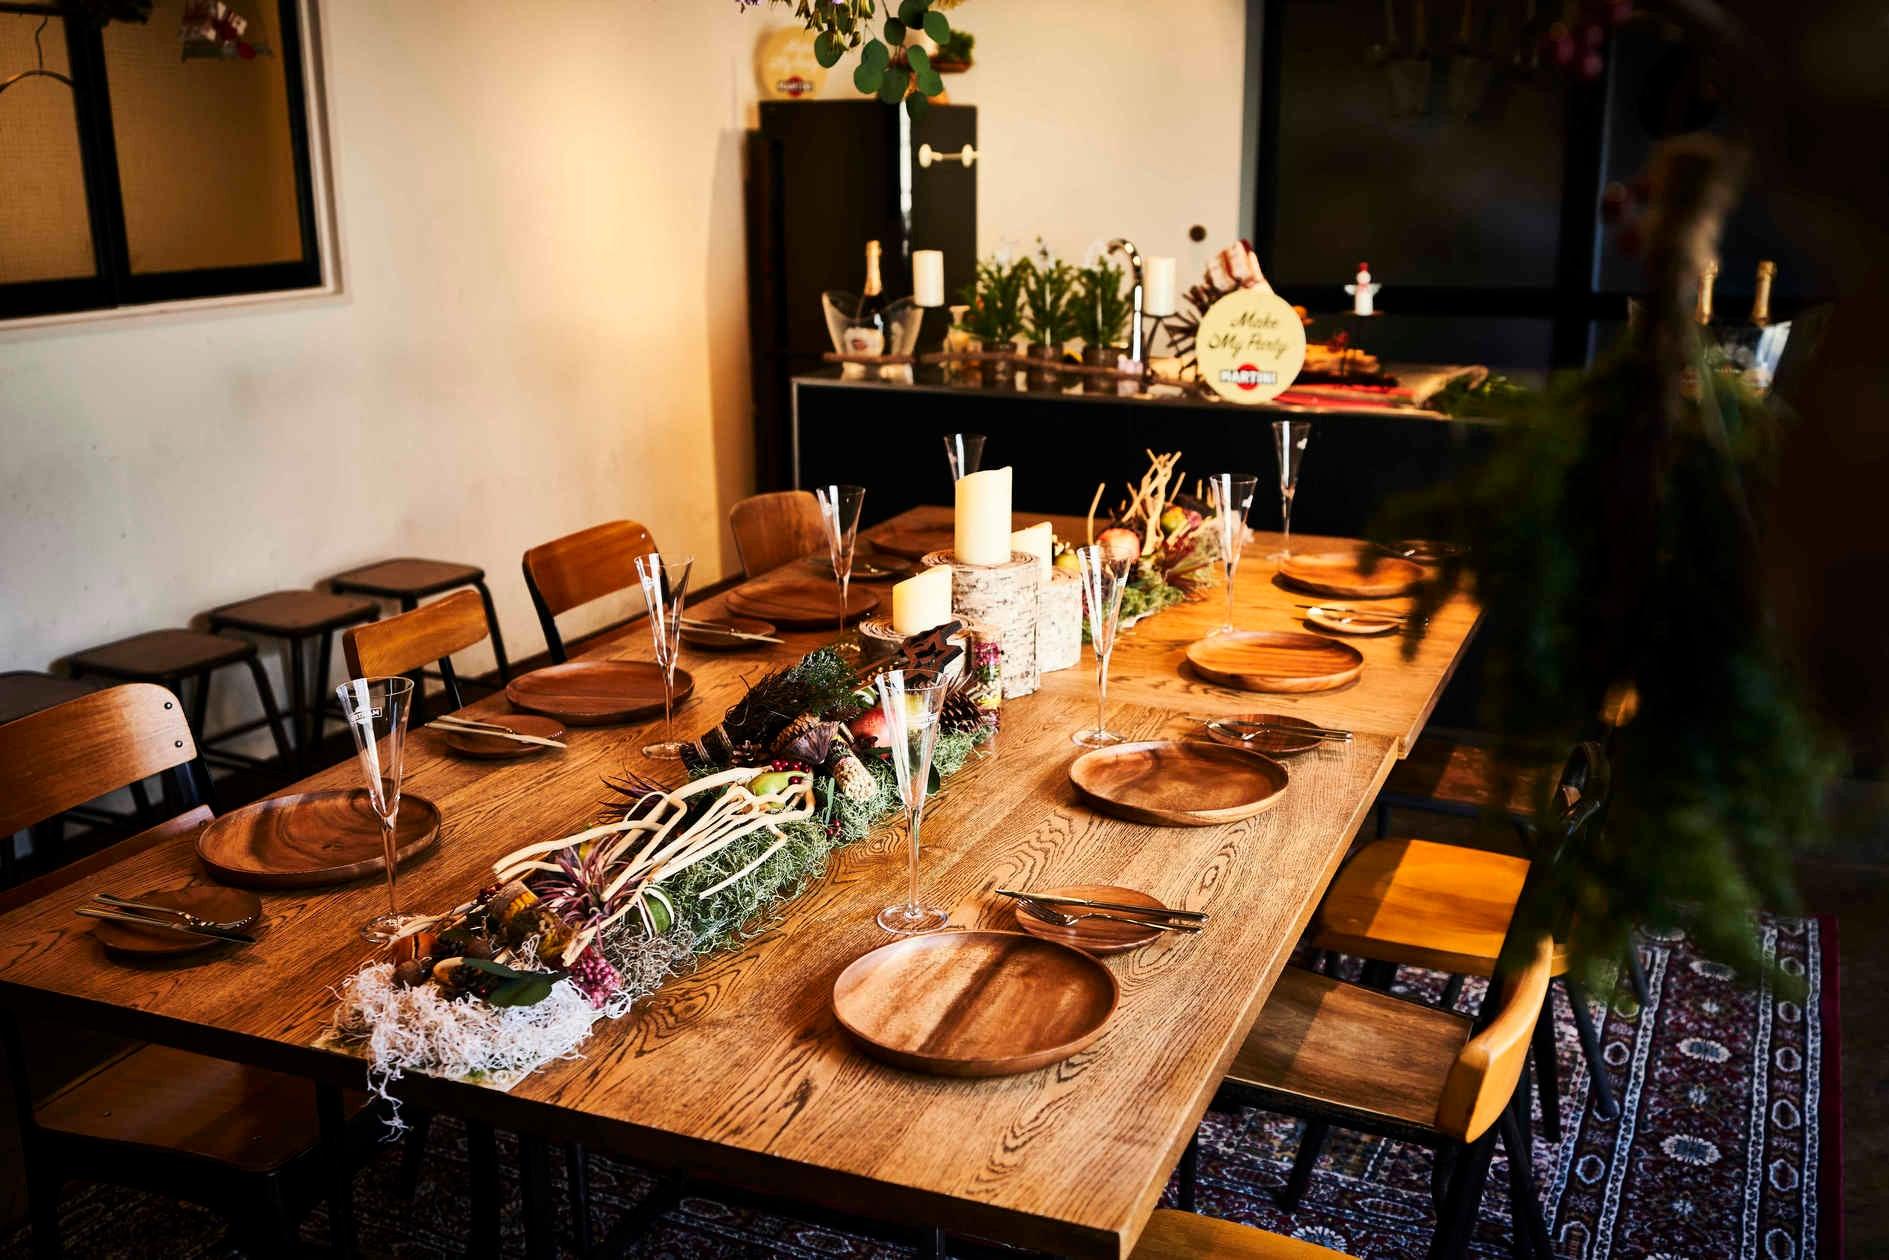 自分たちで料理ができる!キッチン付きのレンタルスペース!出張シェフのご案内も可能 の写真